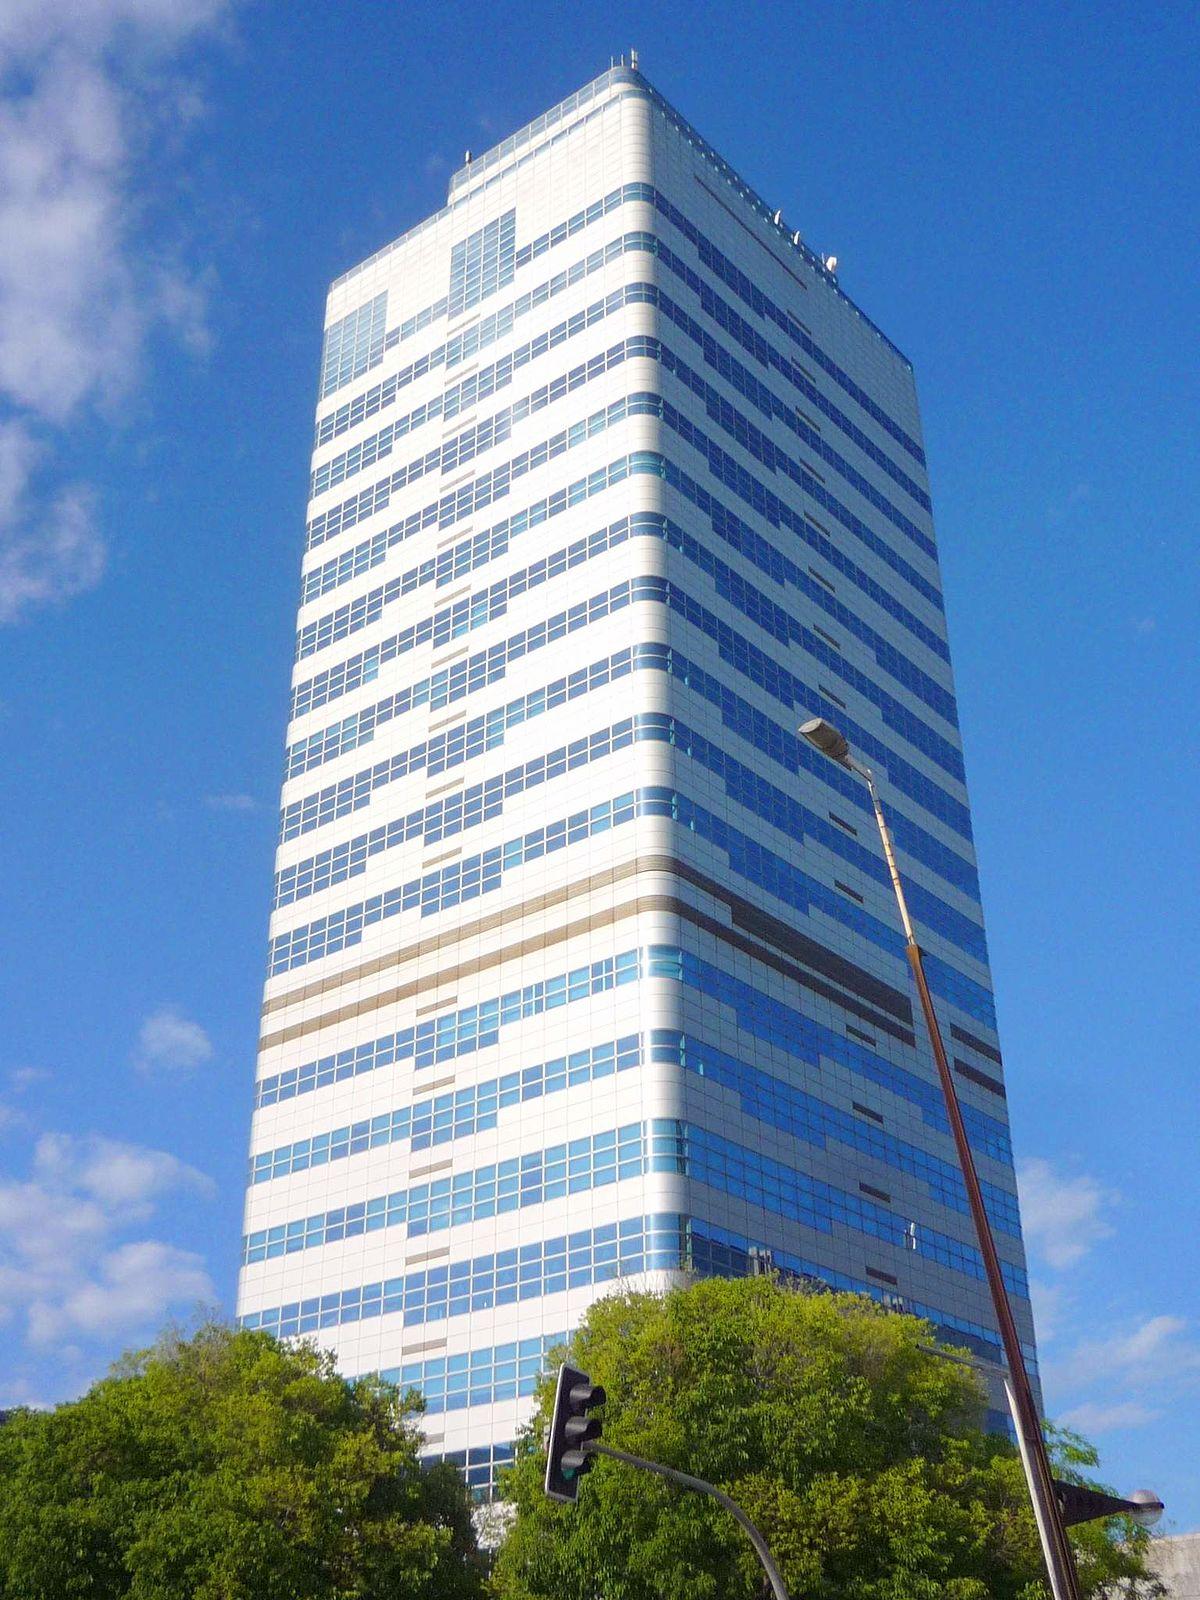 Torre millenium wikipedia la enciclopedia libre for Buscador oficinas sabadell